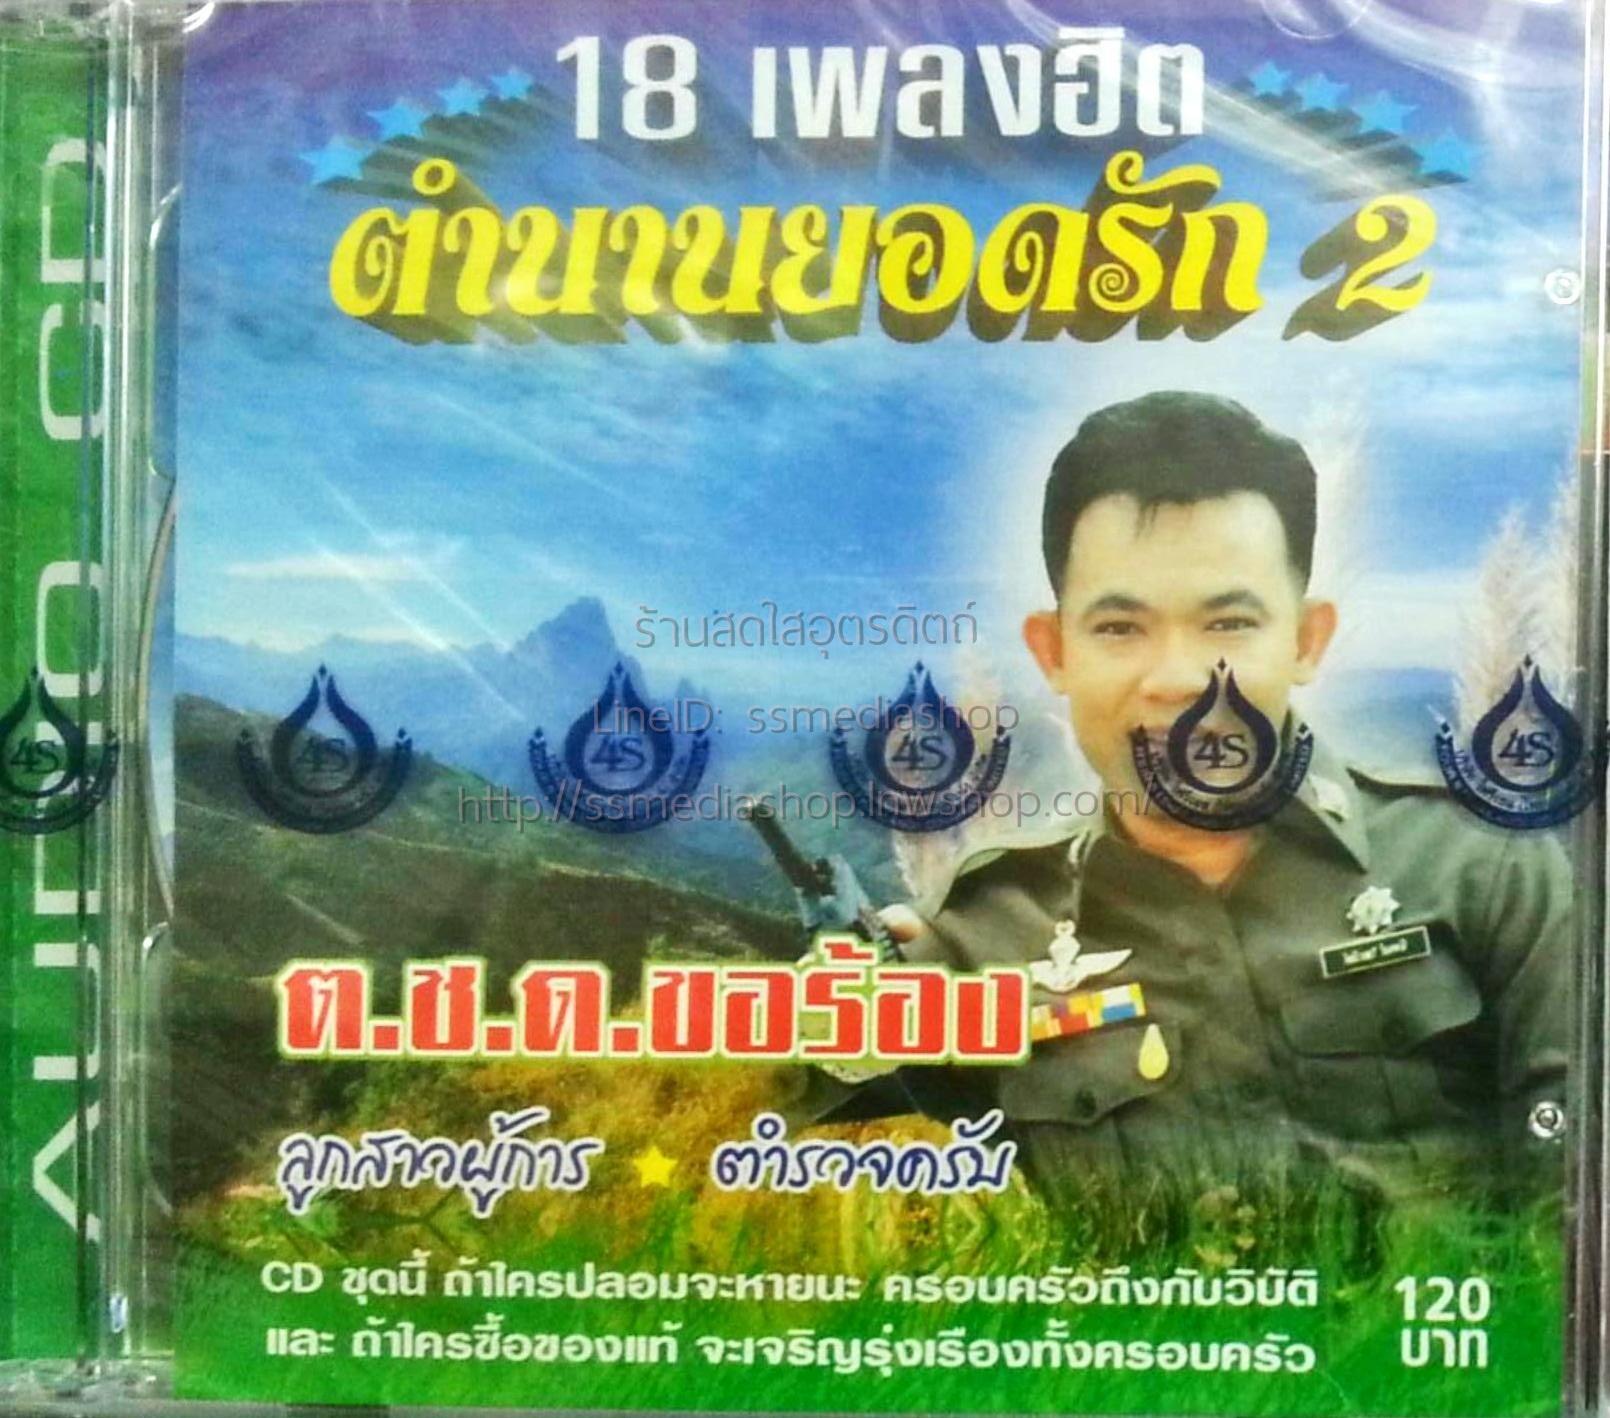 CD ยอดรัก สลักใจ 18เพลงฮิต ตำนานยอดรัก2 ตชด ขอร้อง